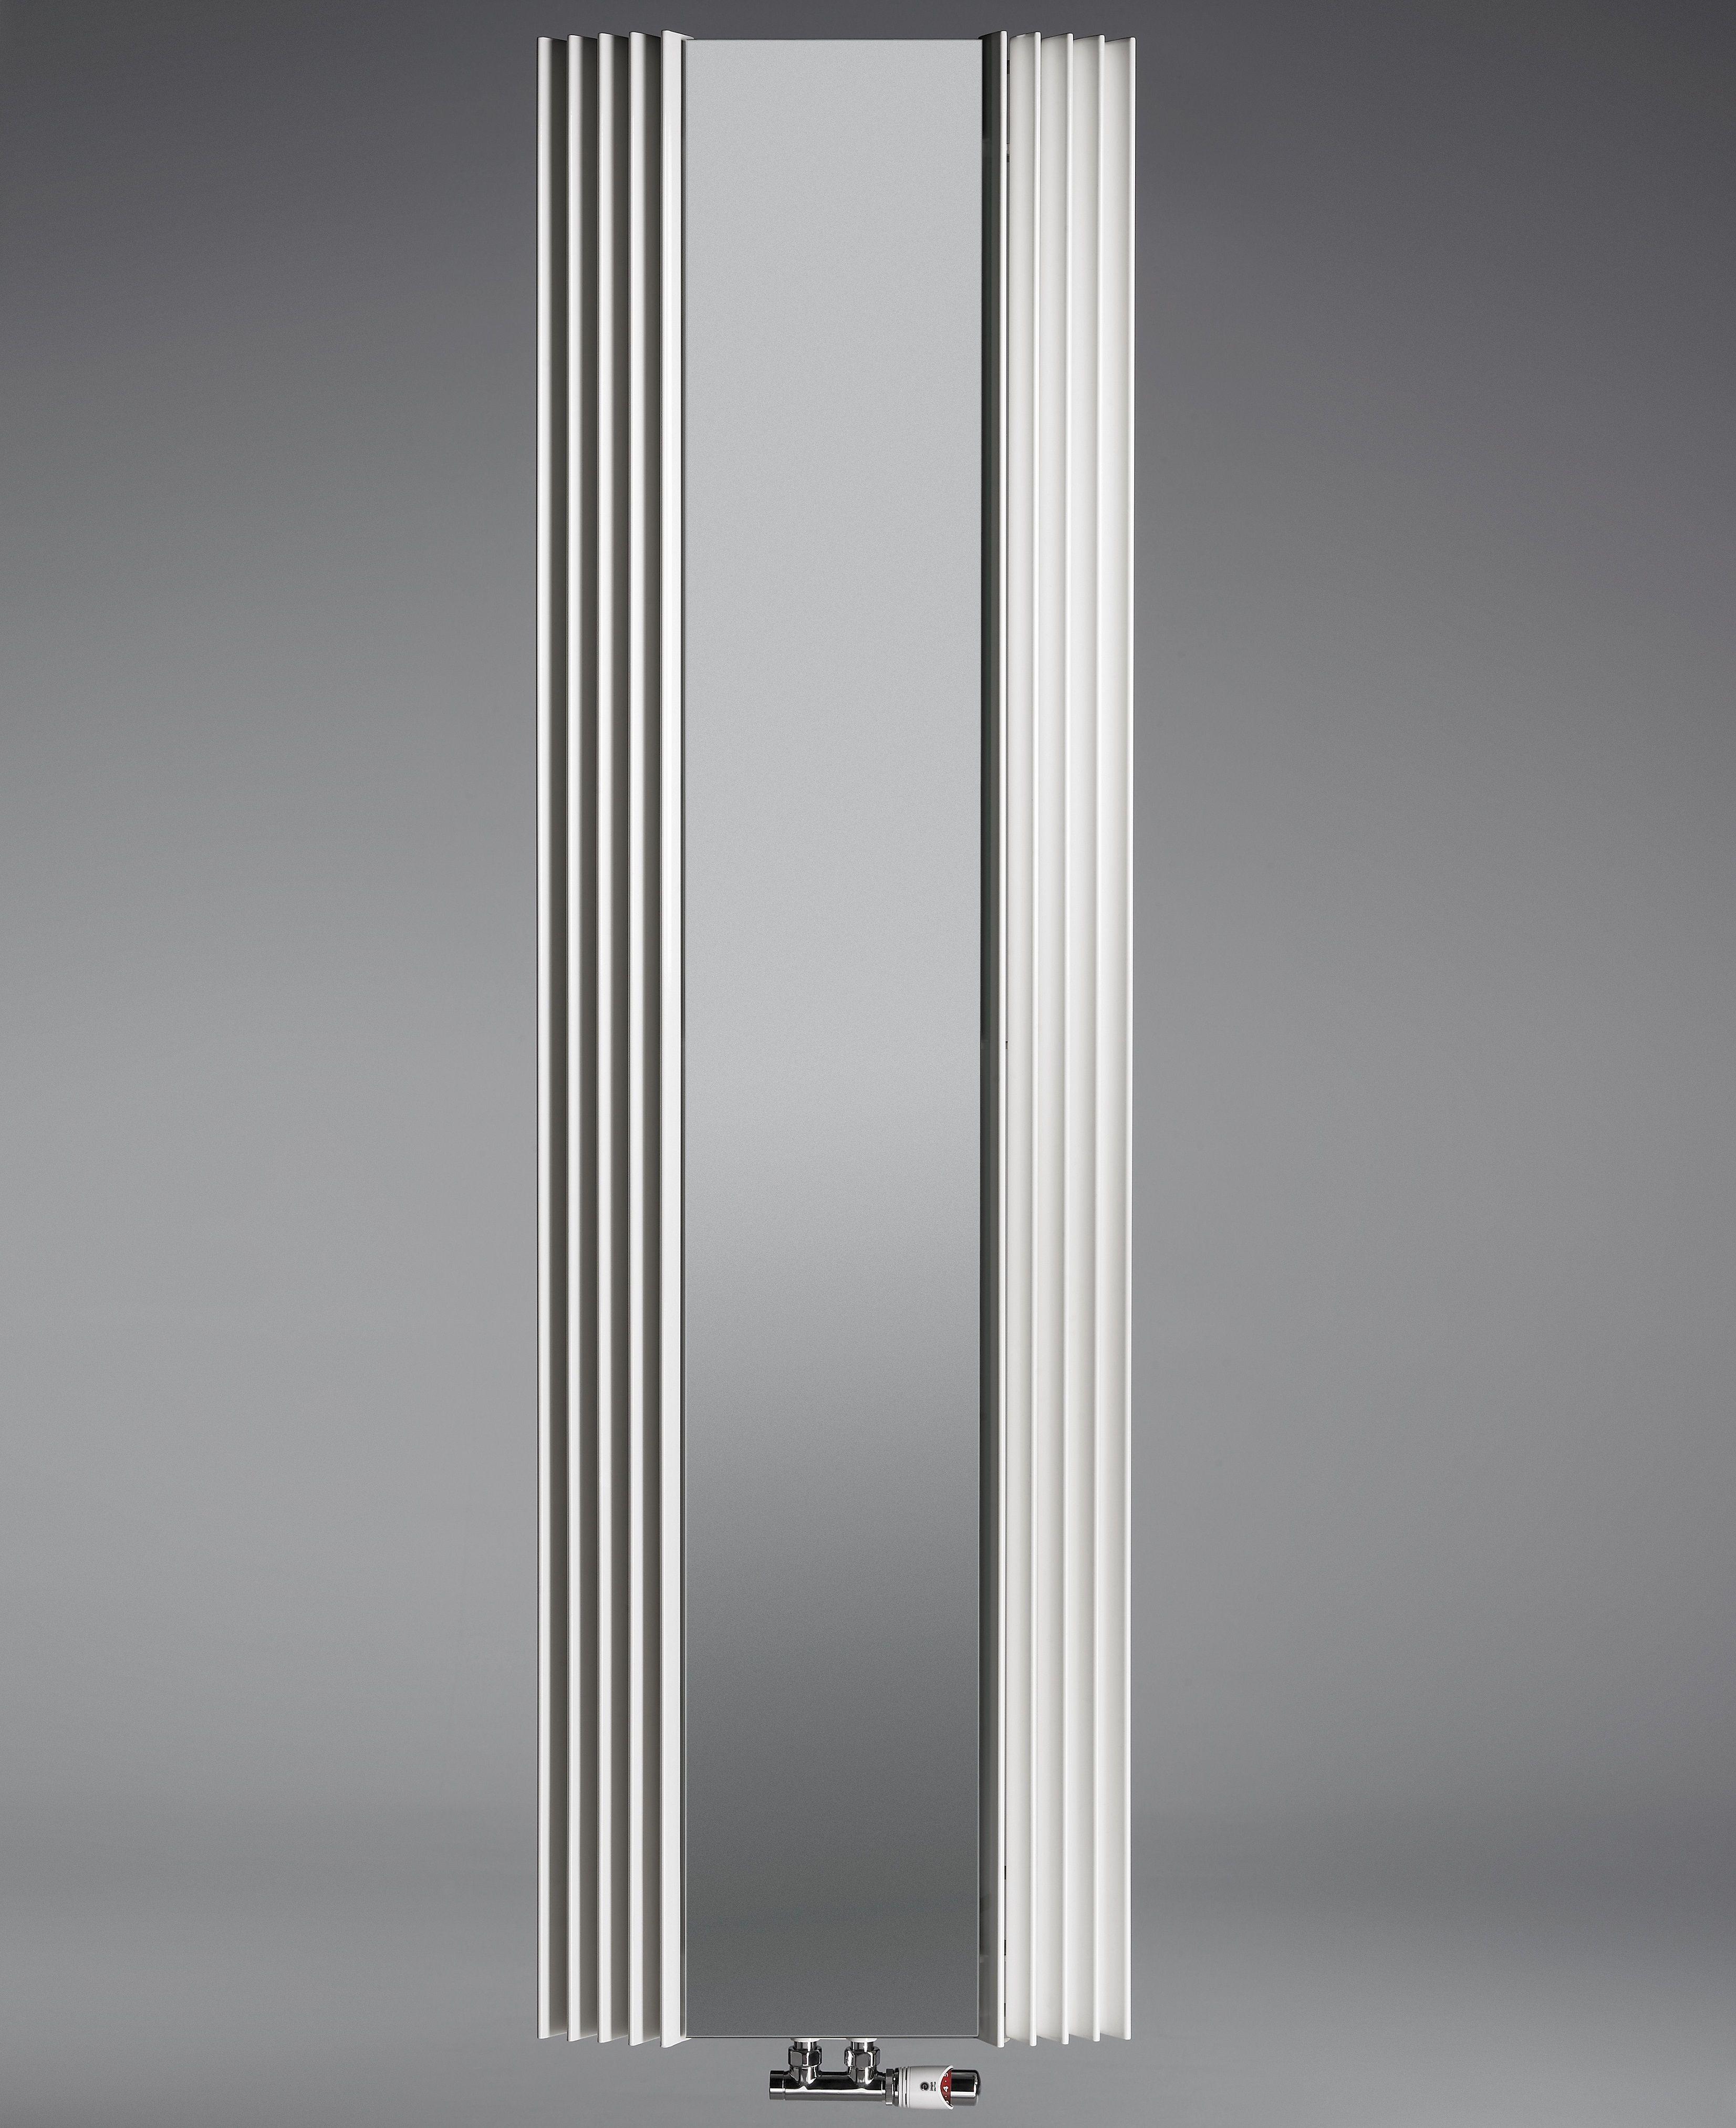 Fancy Design Heizk rper mit Spiegel mit LED Licht In dieser Kategorie finden Sie Designerheizk rper f r Wohnzimmer Wohnbereich